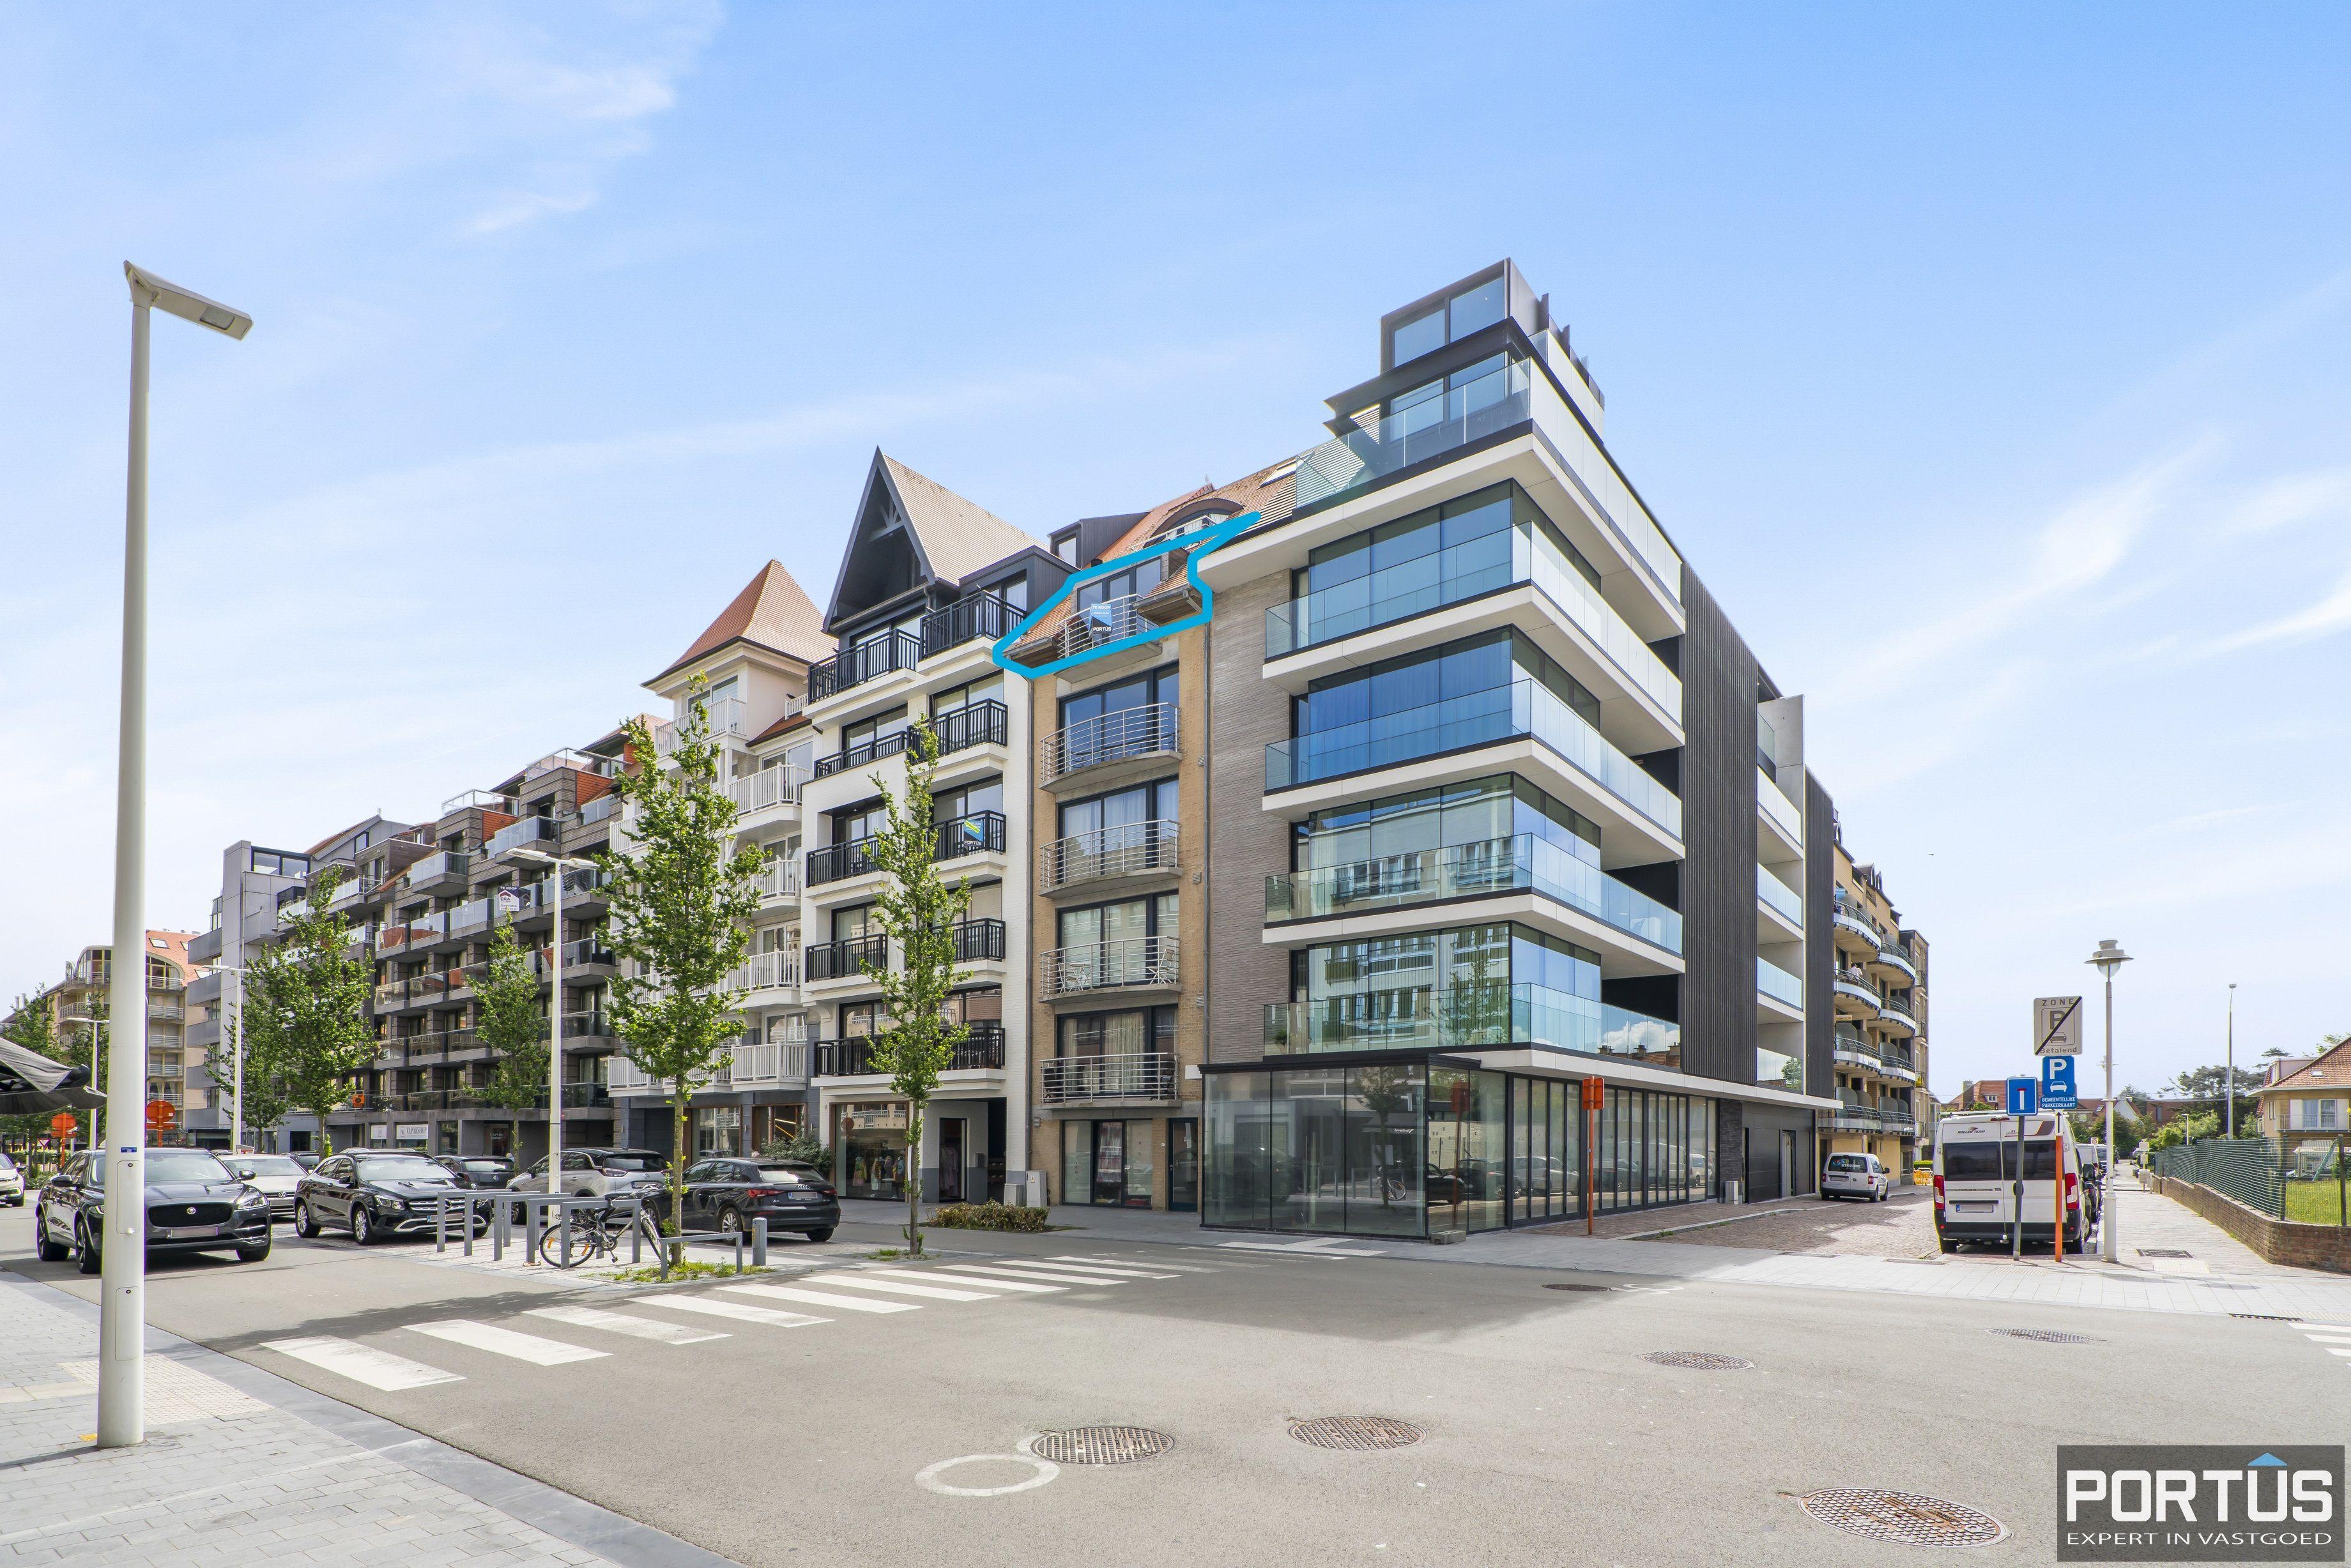 Appartement op wandelafstand van het strand te koop te Nieuwpoort-Bad - 13532